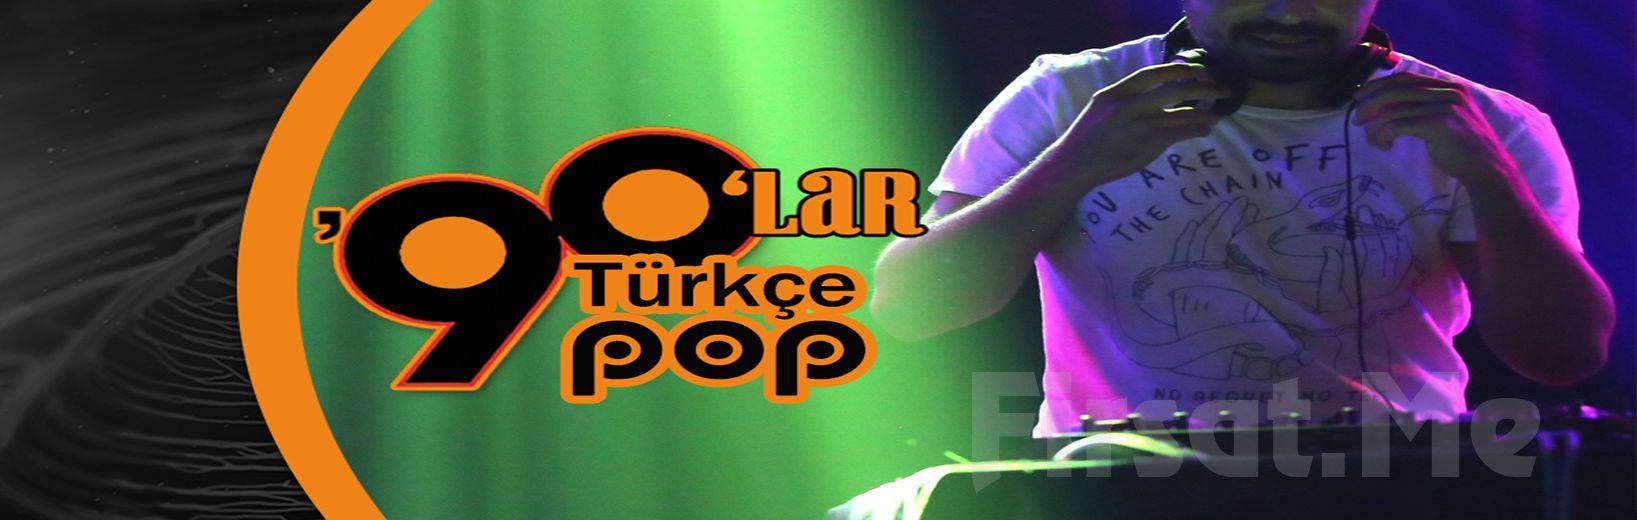 Mori Performance'ta 16 Mart ve 9 Nisan'da DJ Alper Alkan ile 90'lar Türkçe Pop Gecesi Konser Biletii